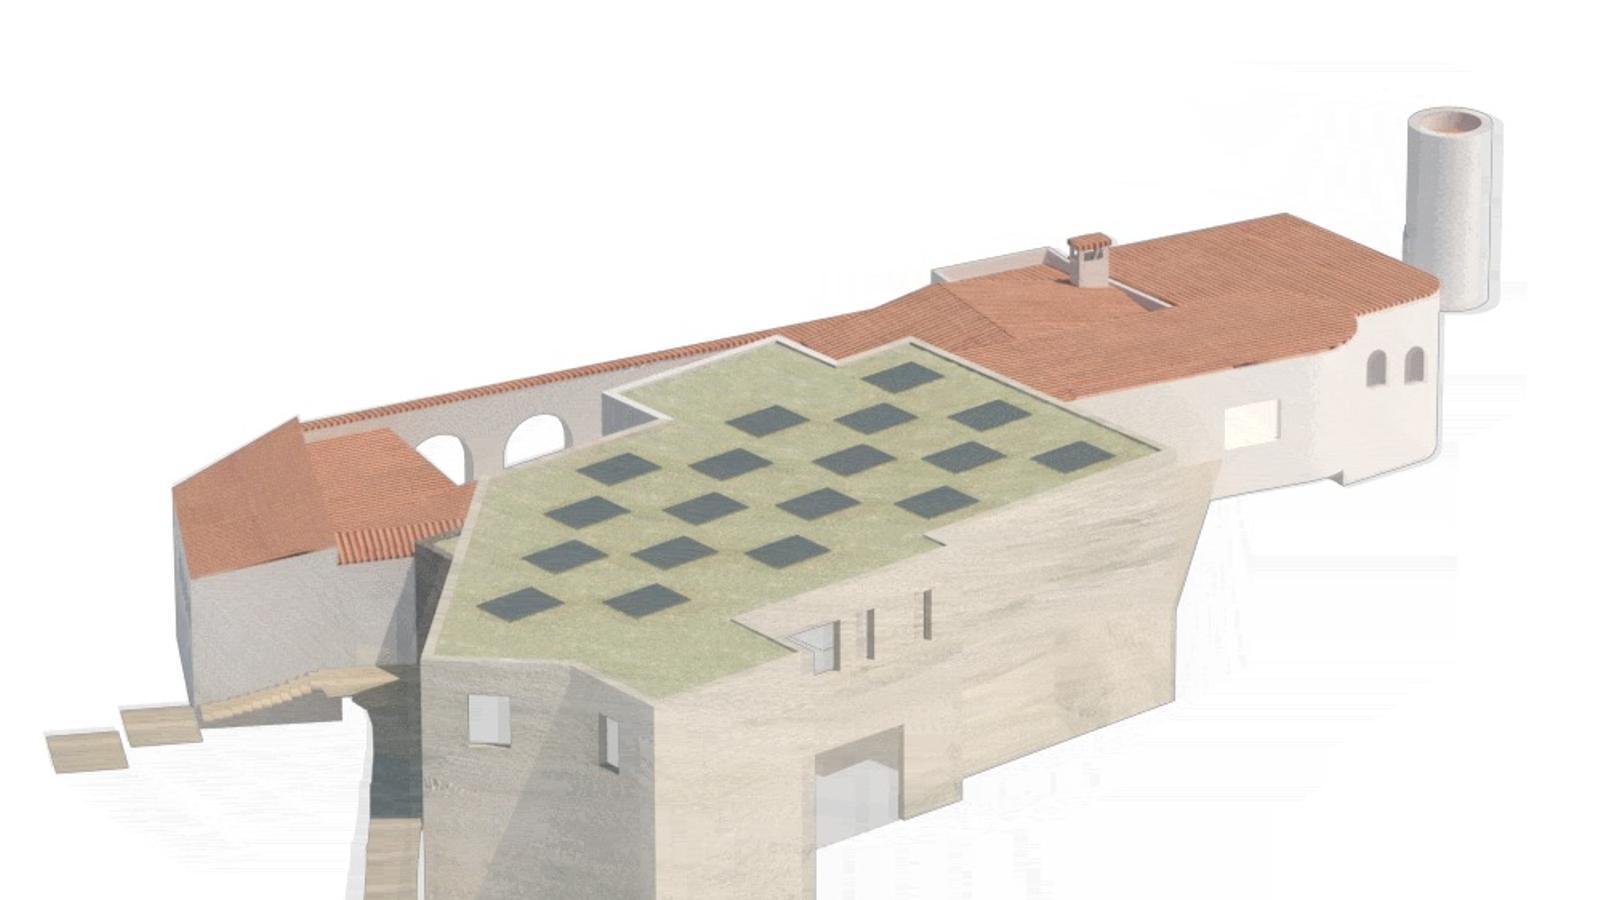 Maqueta virtual de com quedarà el complex de la Fundació El Bulli